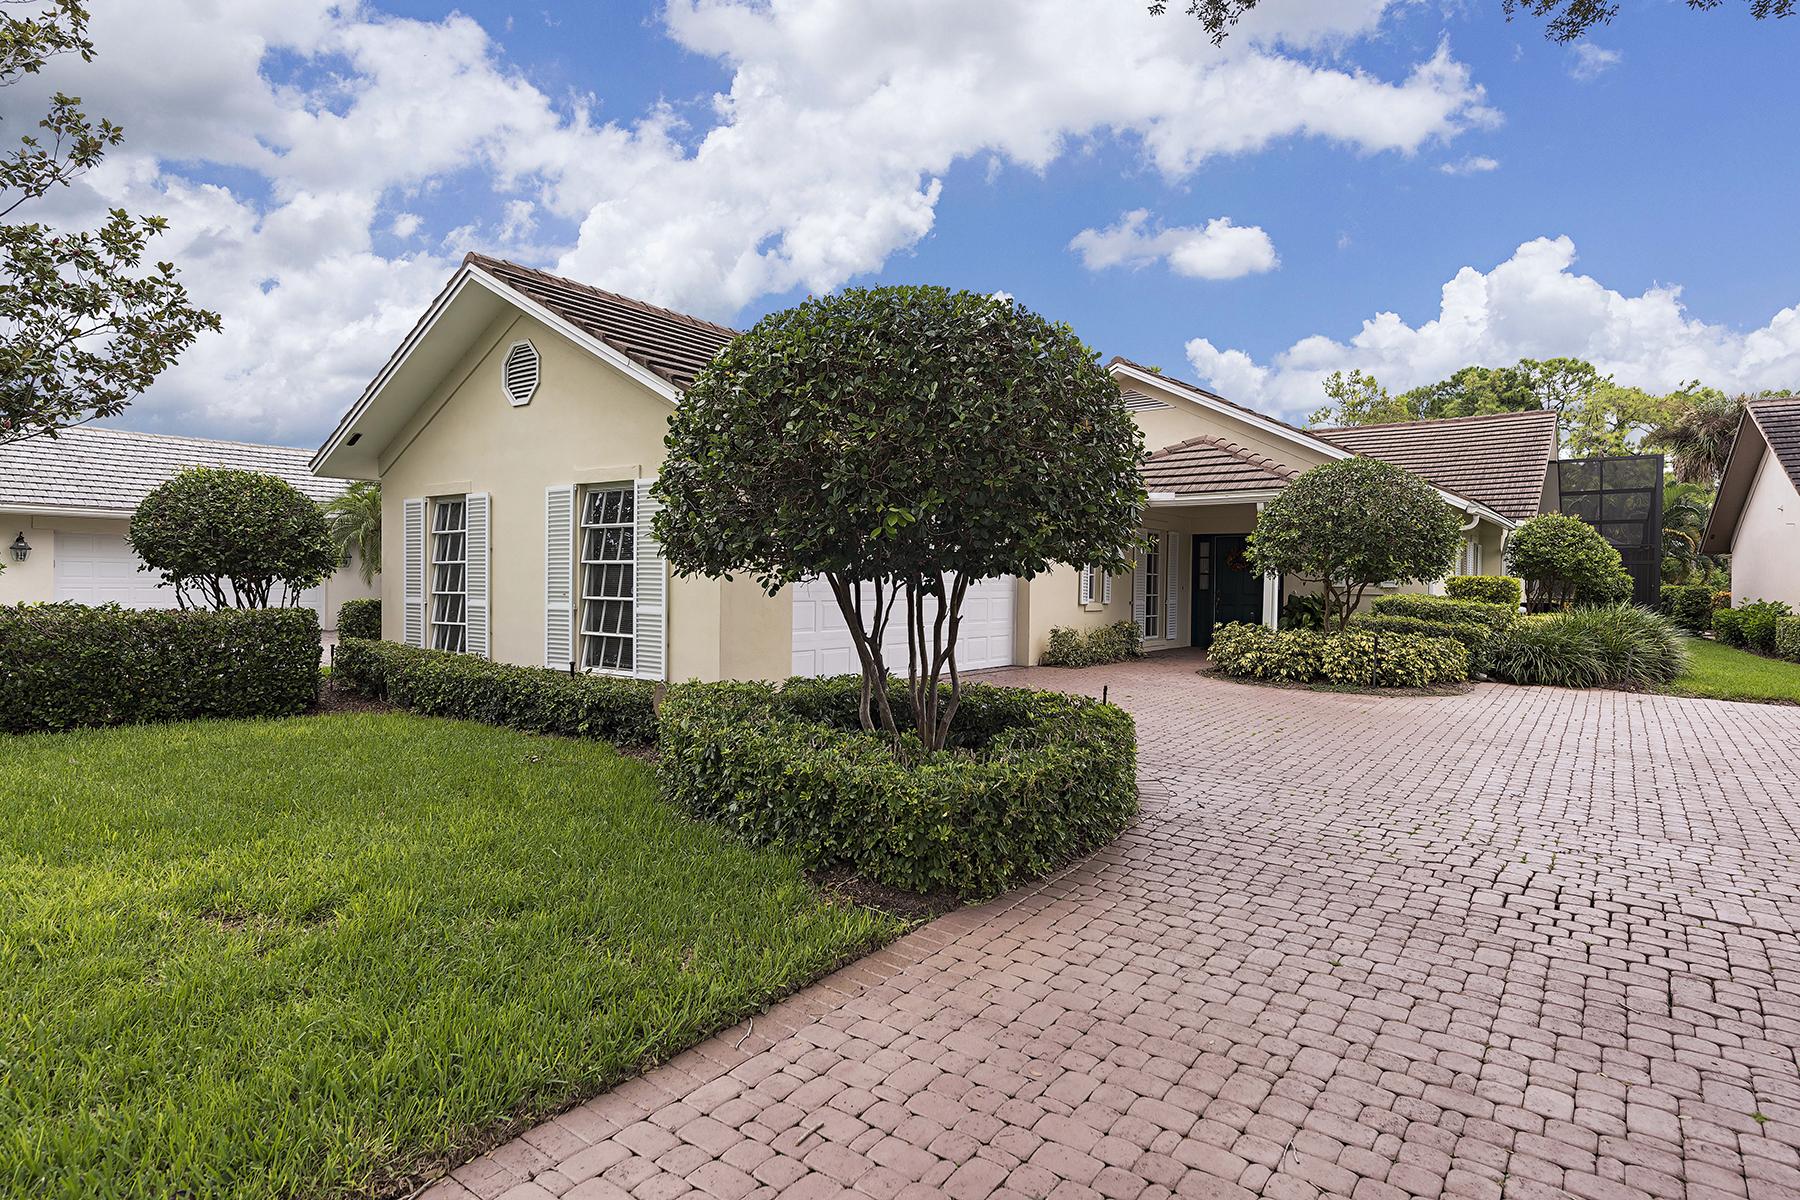 Einfamilienhaus für Verkauf beim WYNDEMERE - GOLF COTTAGES 206 Edgemere Way S Naples, Florida 34105 Vereinigte Staaten